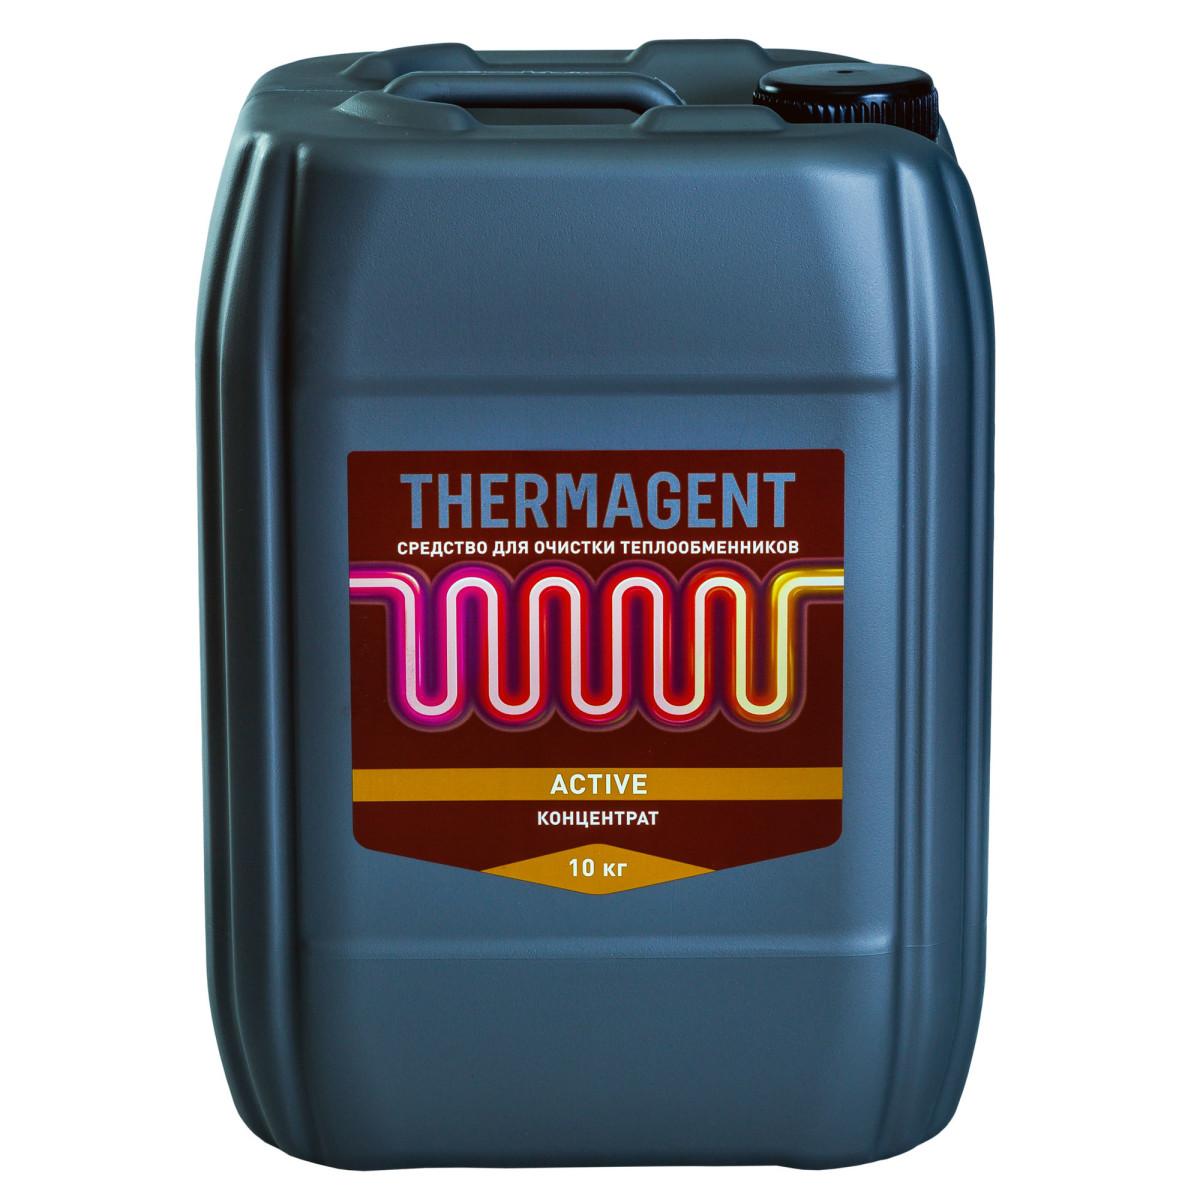 Средство для очистки теплообменных поверхностей Thermagent Active 10 кг